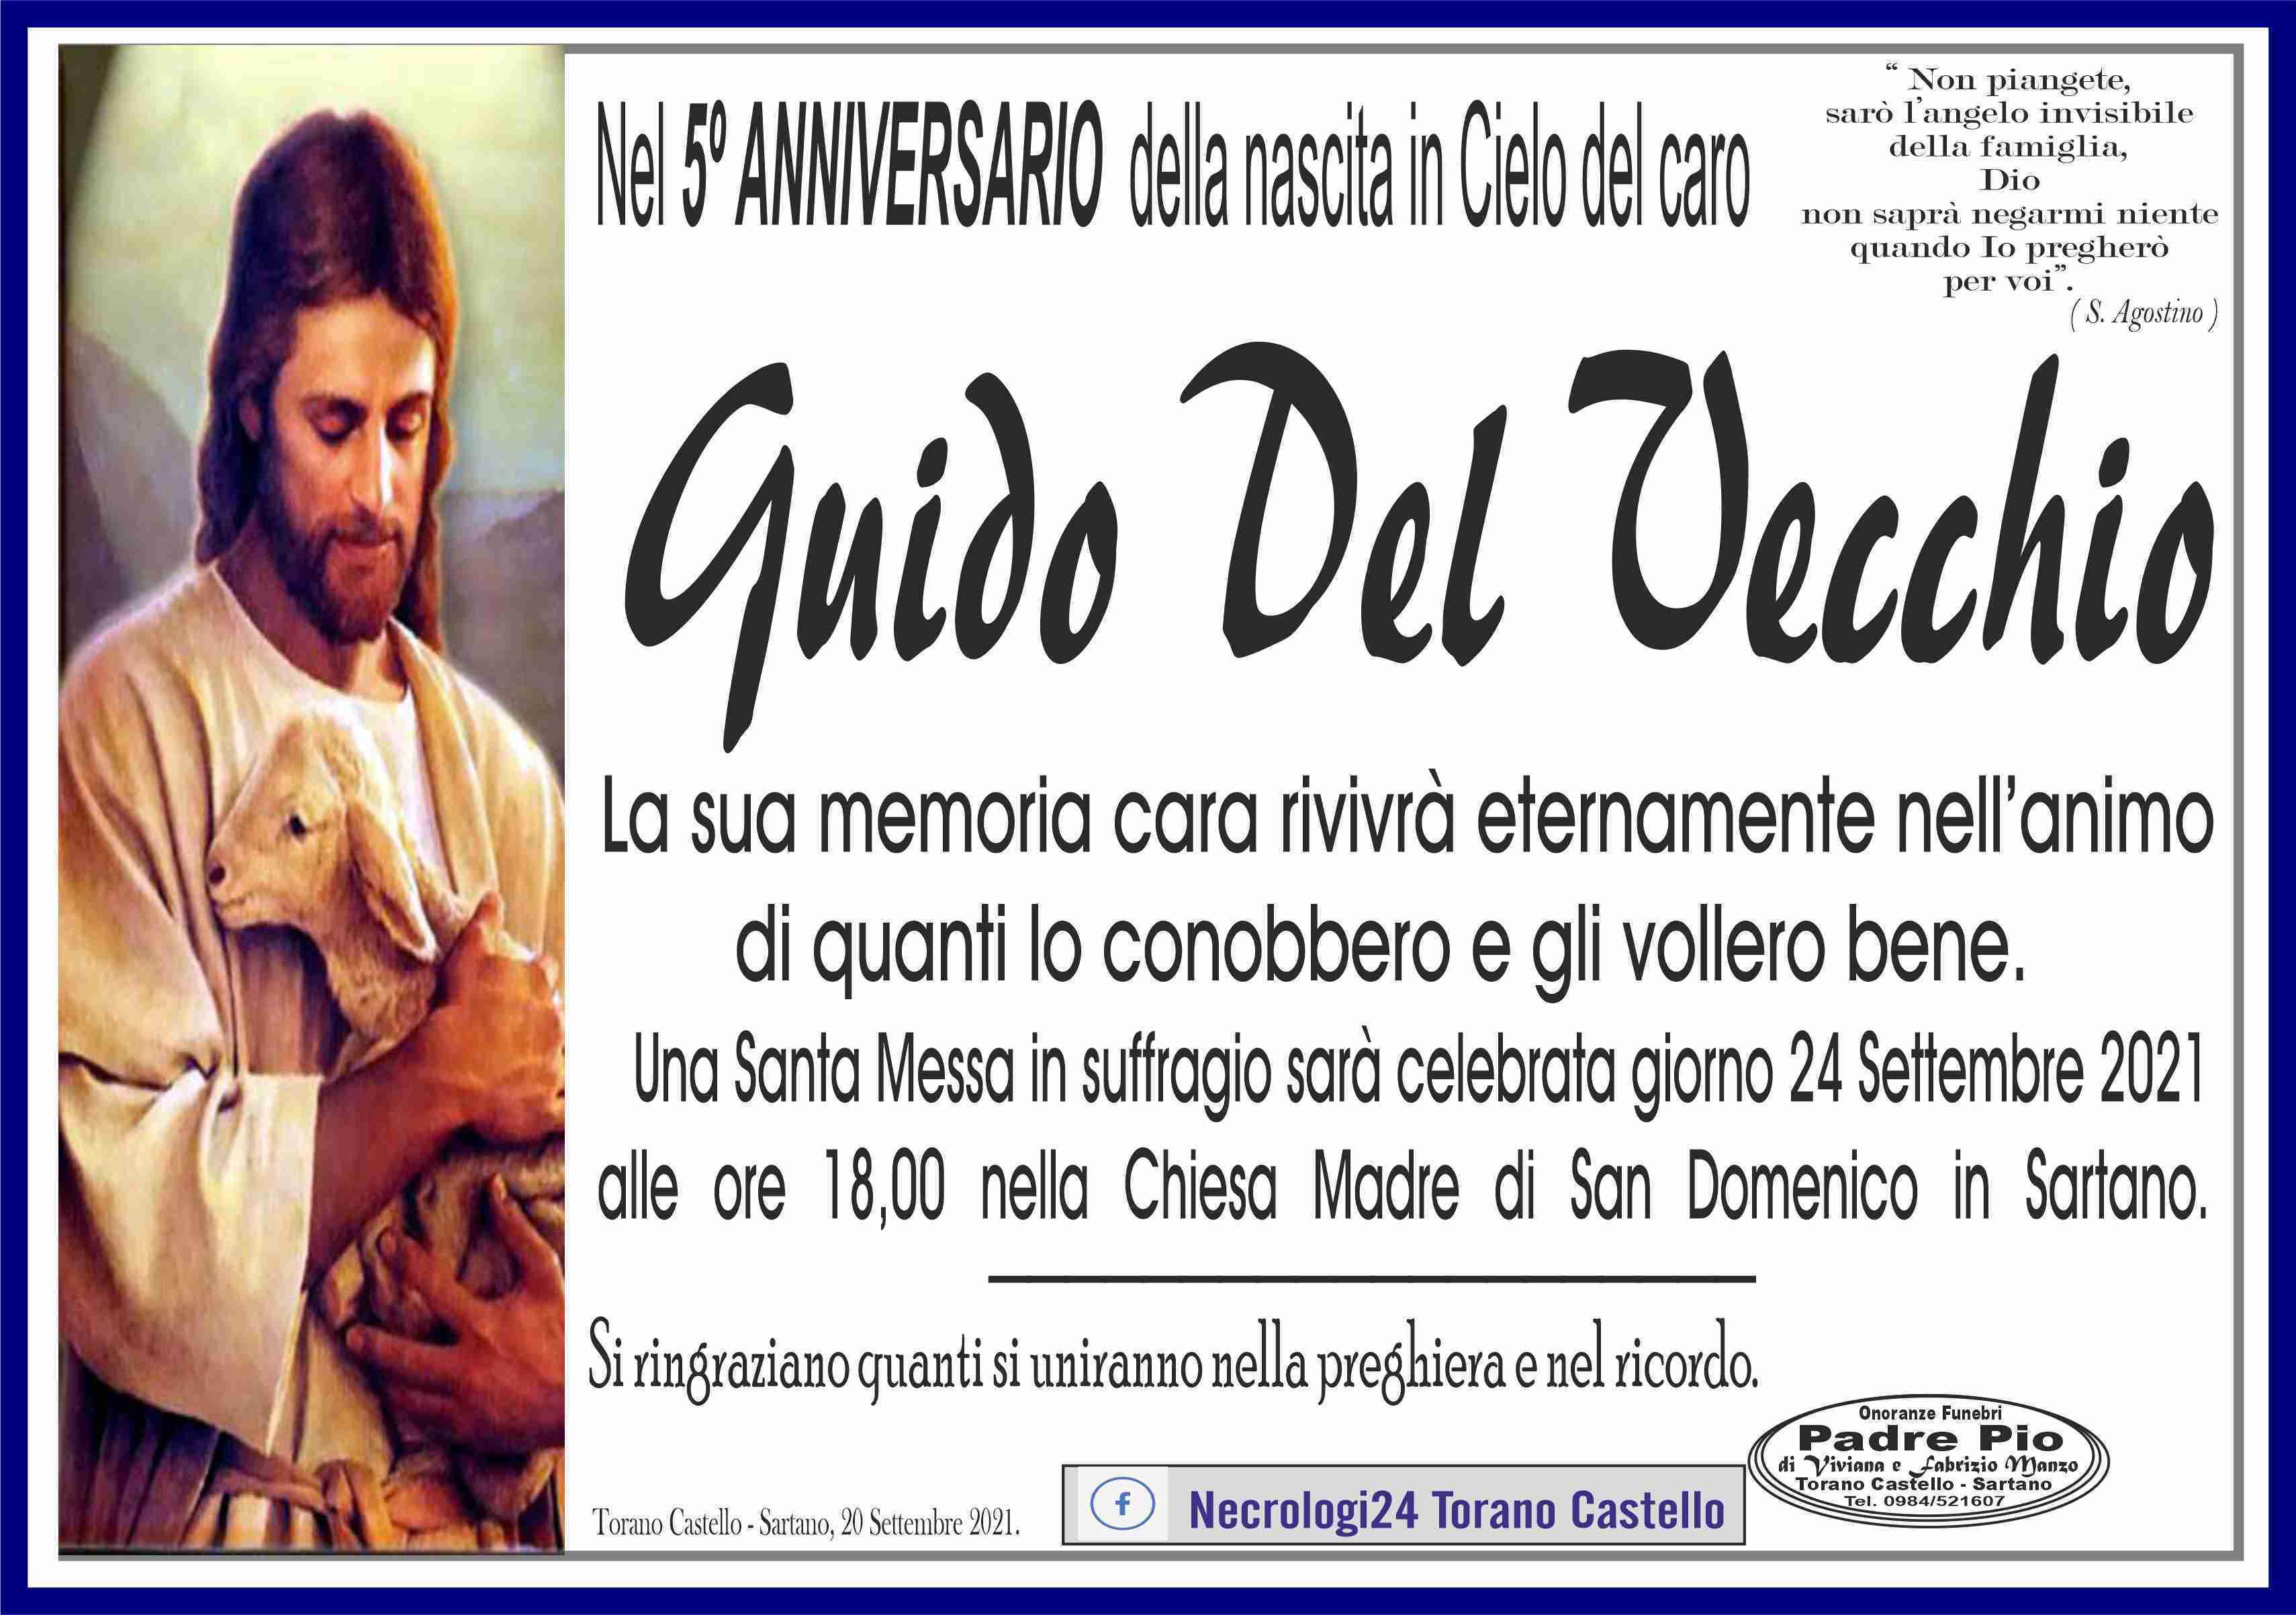 Guido Del Vecchio